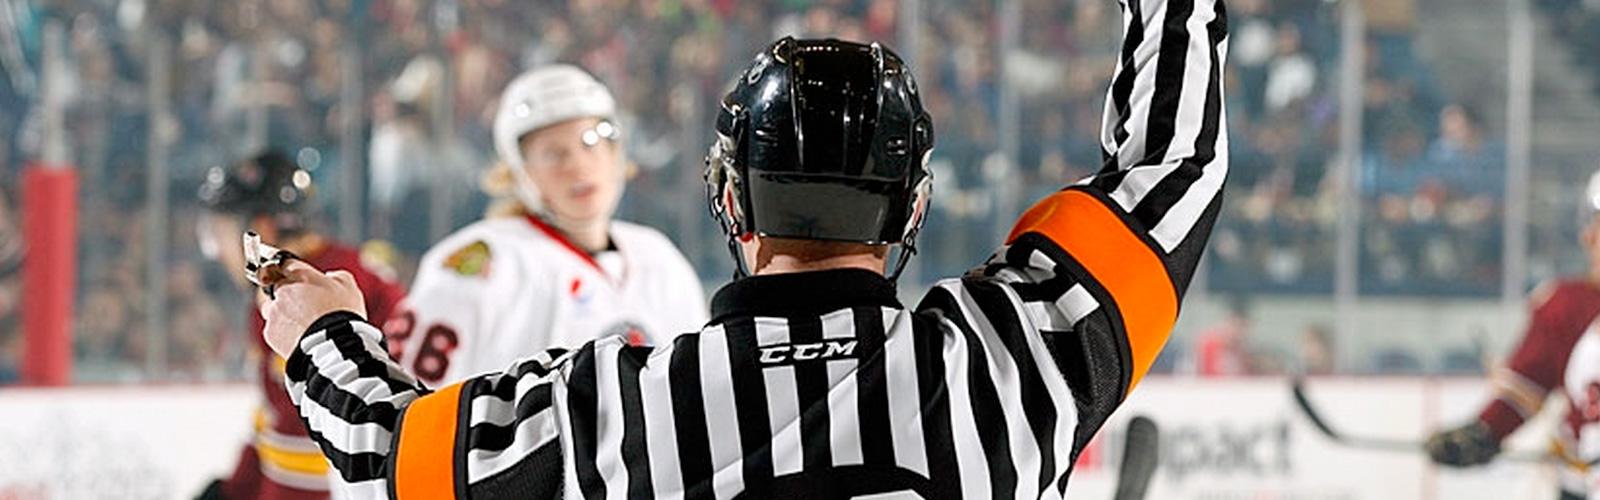 chicago hockey game